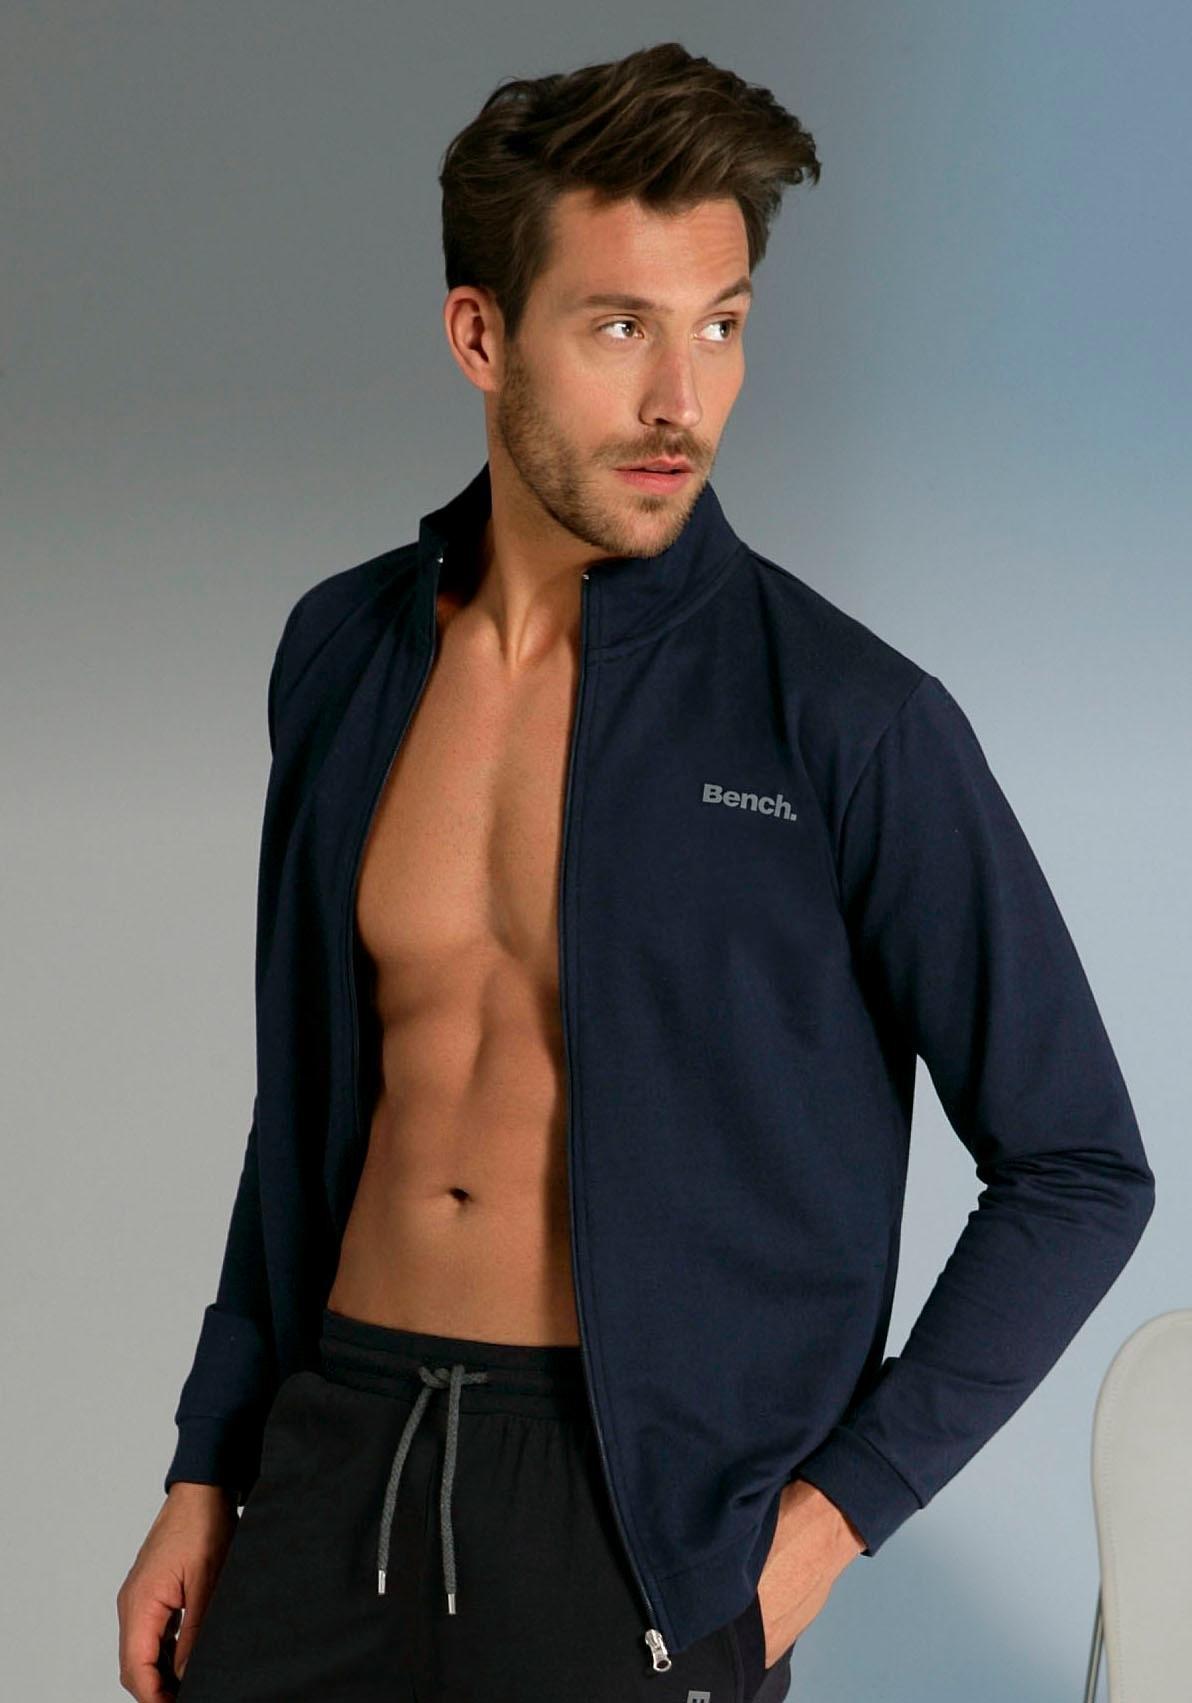 Op zoek naar een Bench. sweatvest? Koop online bij Lascana